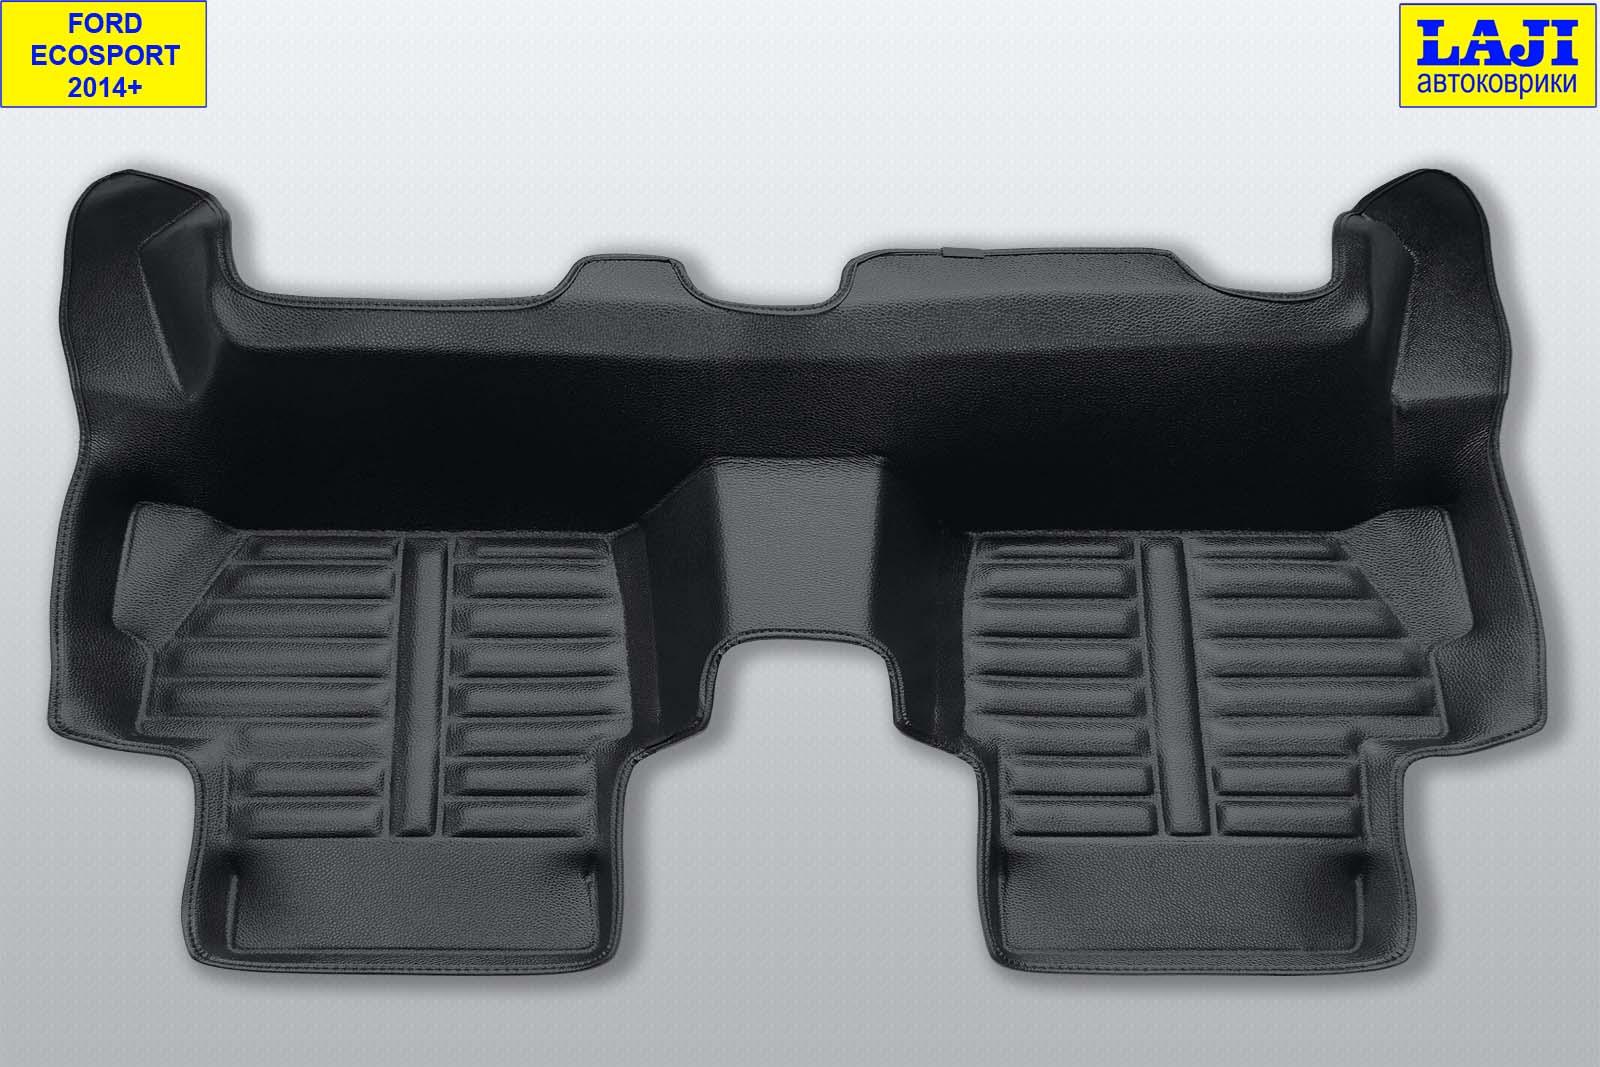 5D коврики в салон Ford Ecosport 2014-н.в. 9